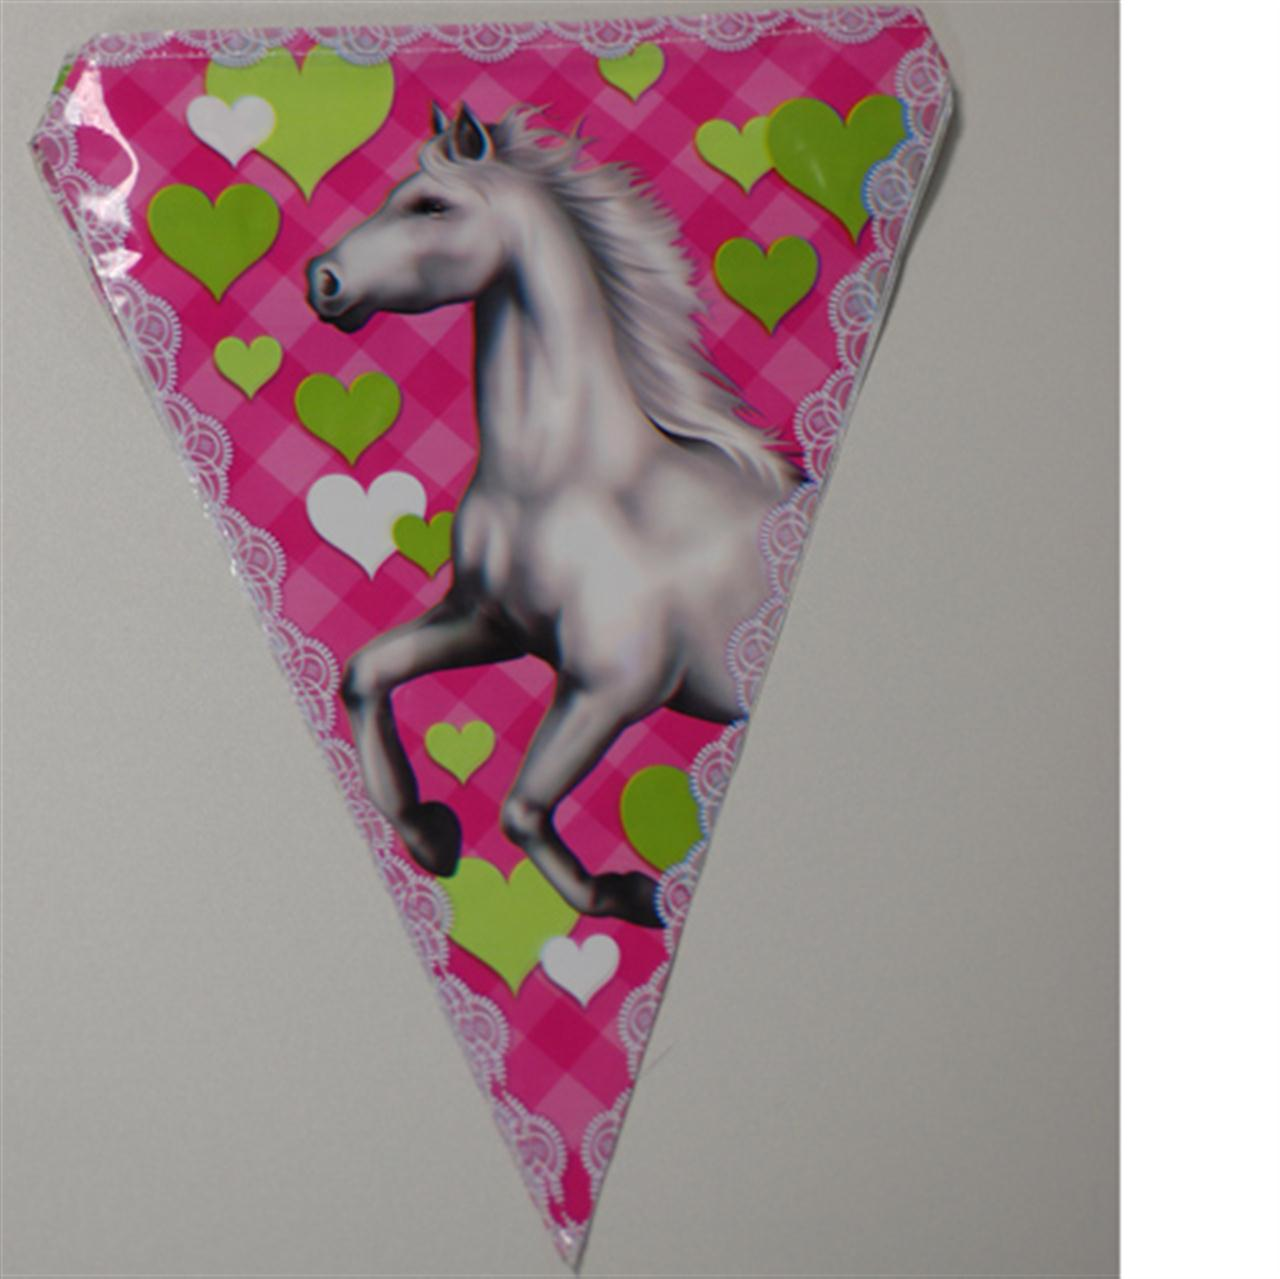 Feest vlaggenlijn met paarden